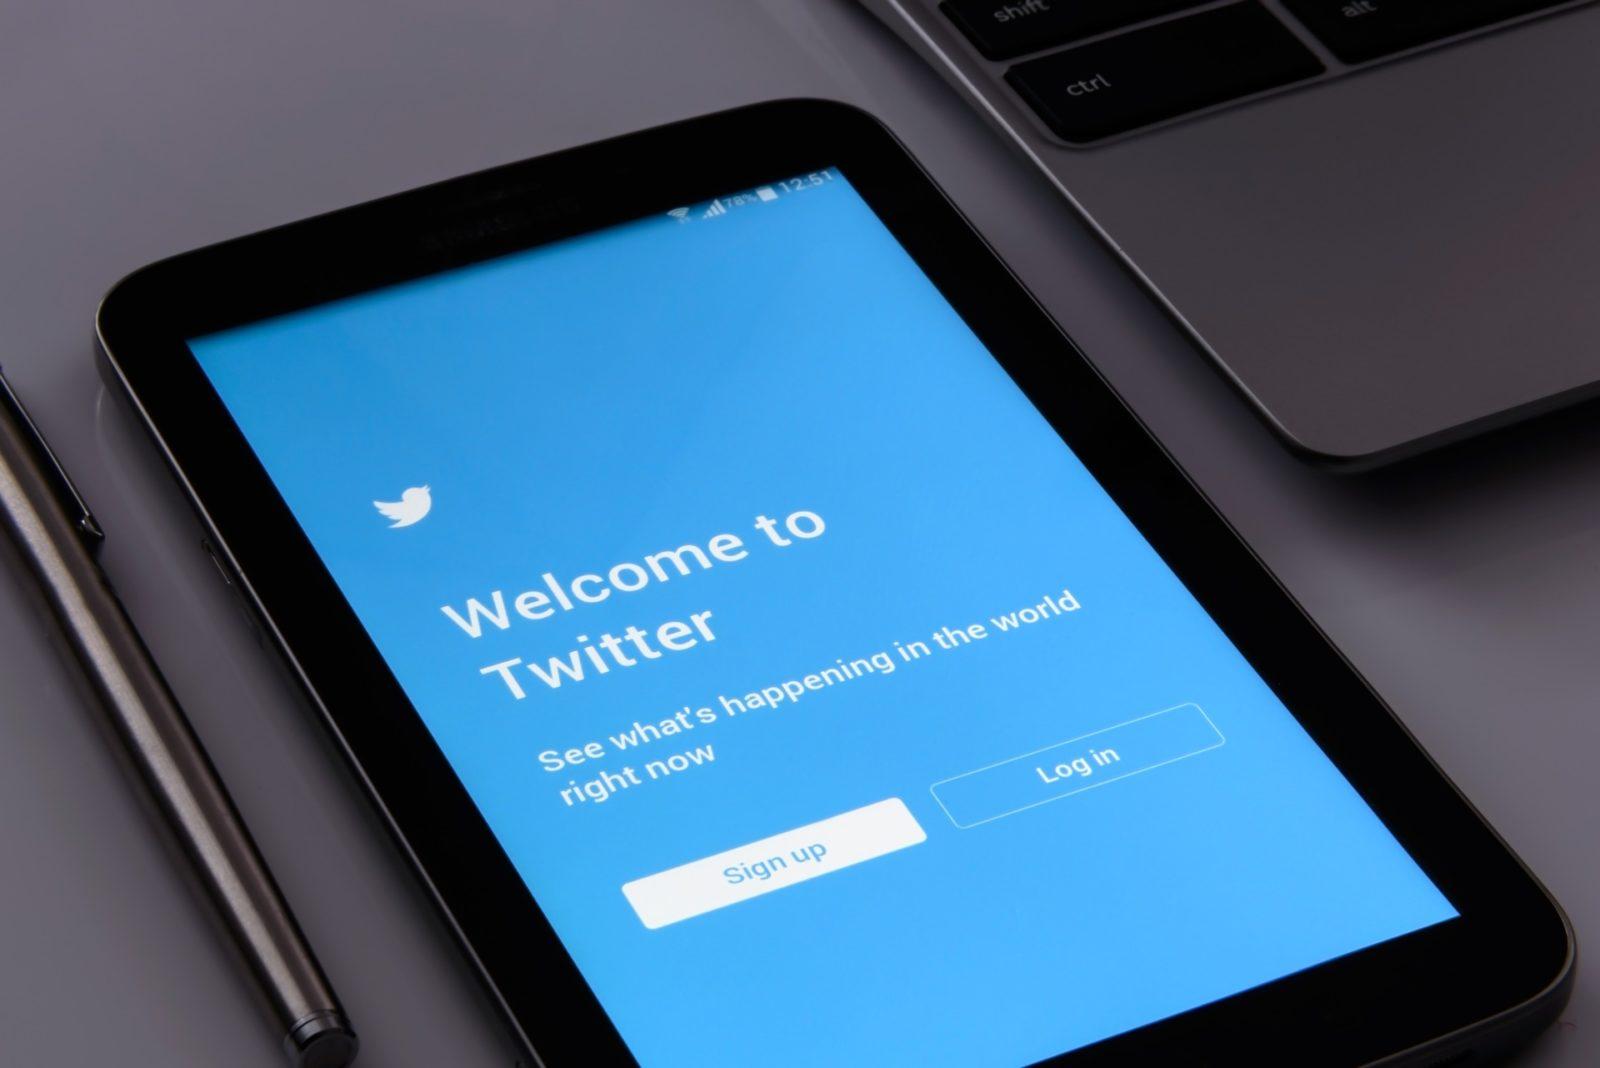 Sådan bruger du Twitter-annoncer til at promovere din begivenhed